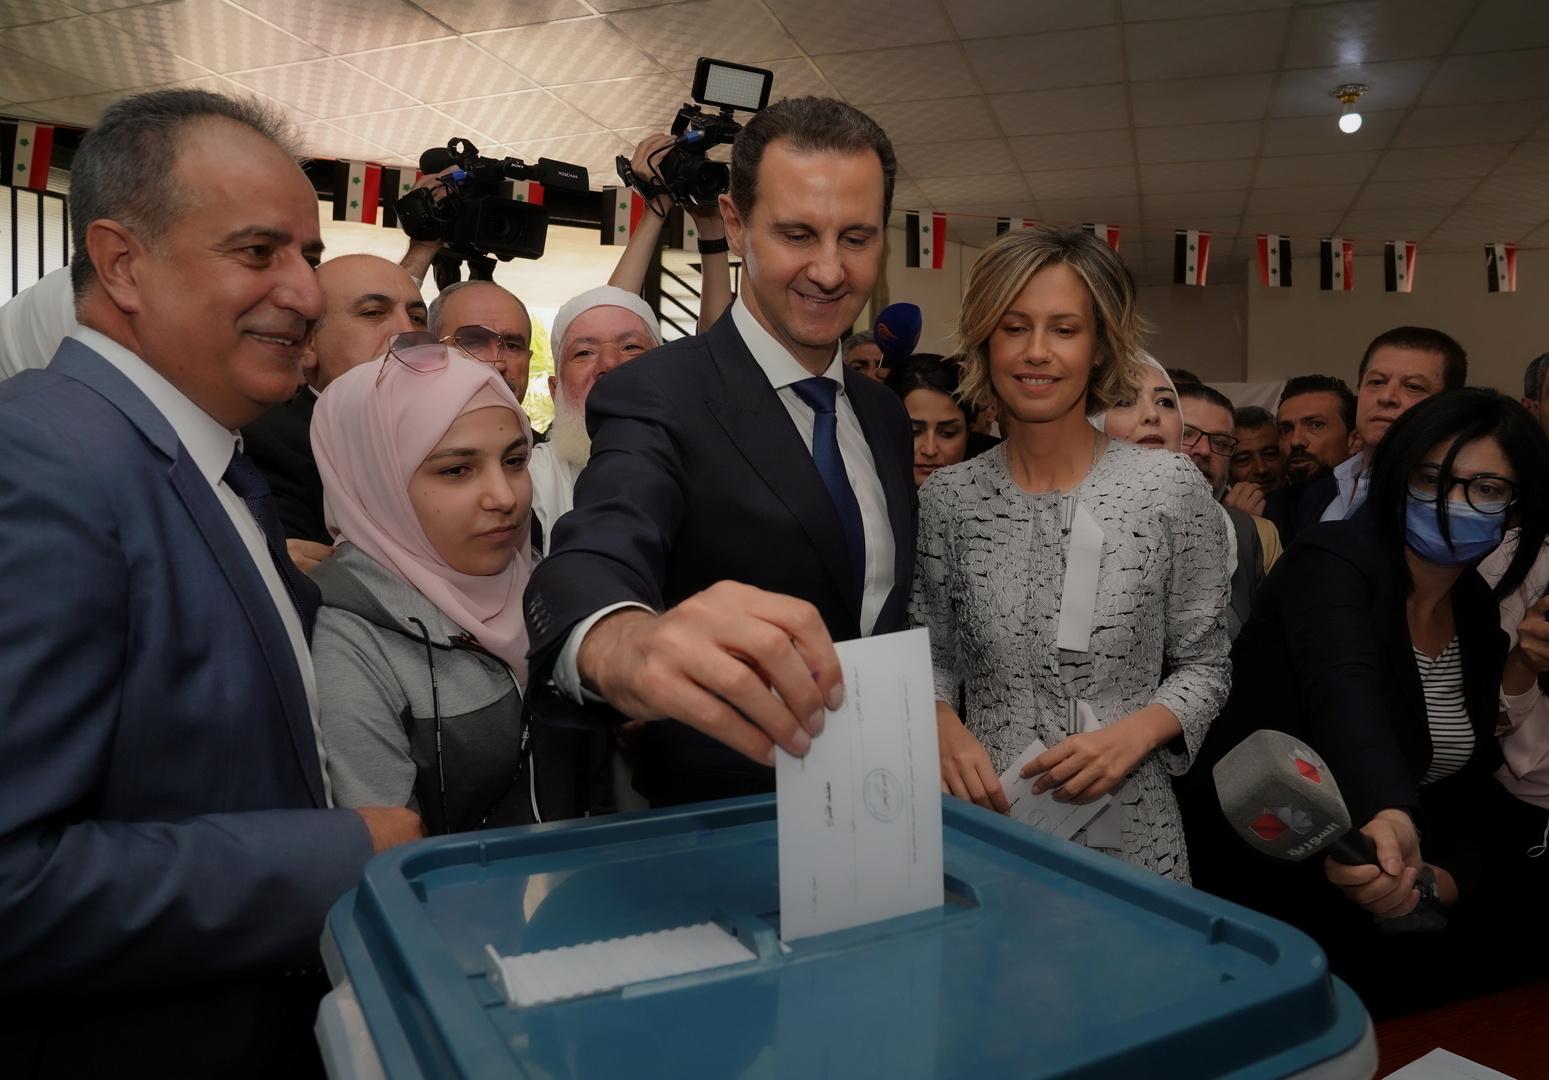 الكرملين يحدد أهم إنجازات الأسد كرئيس لسوريا